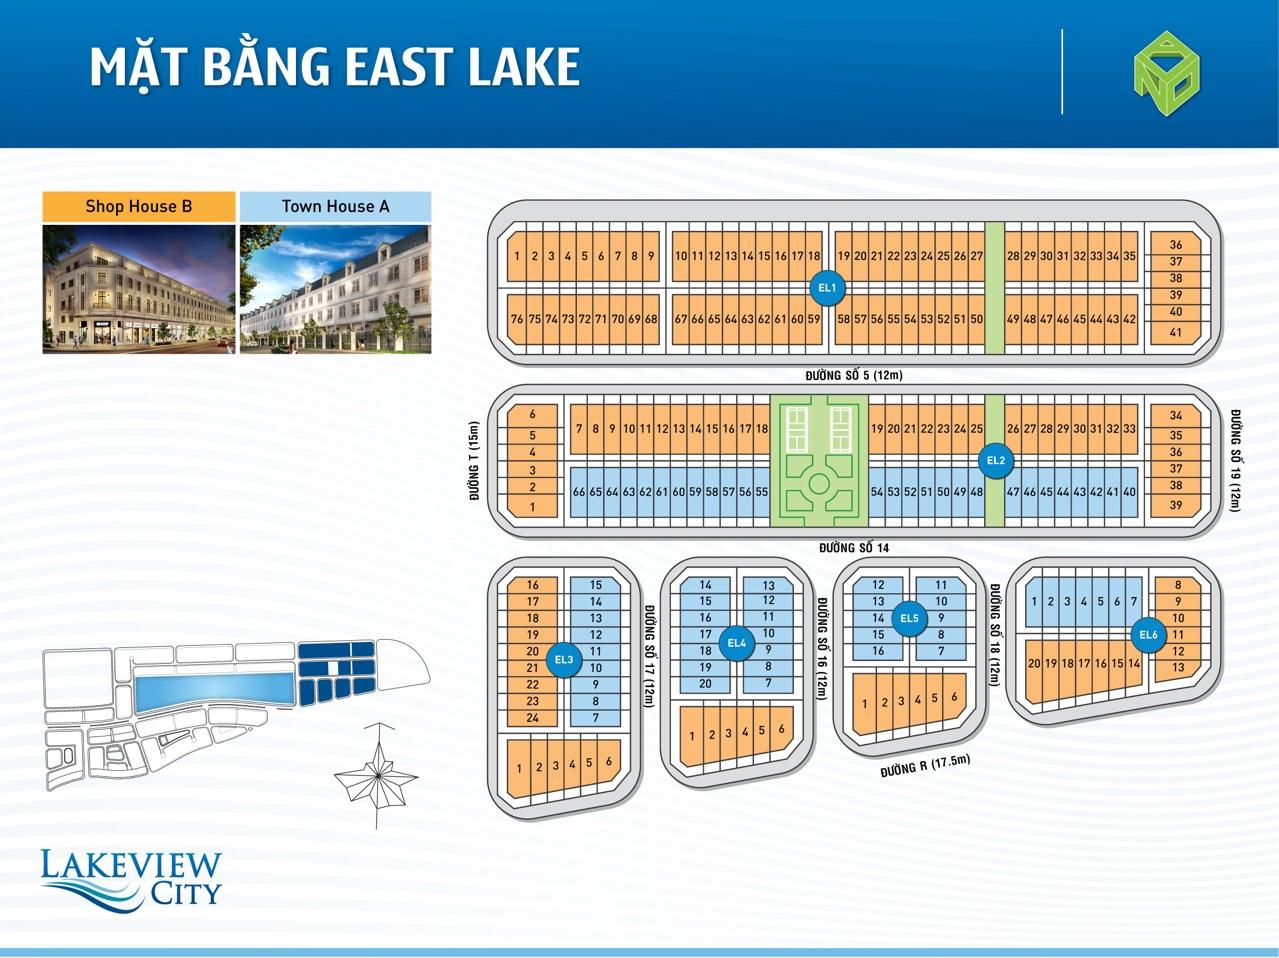 mat-bang-khu-east-lake